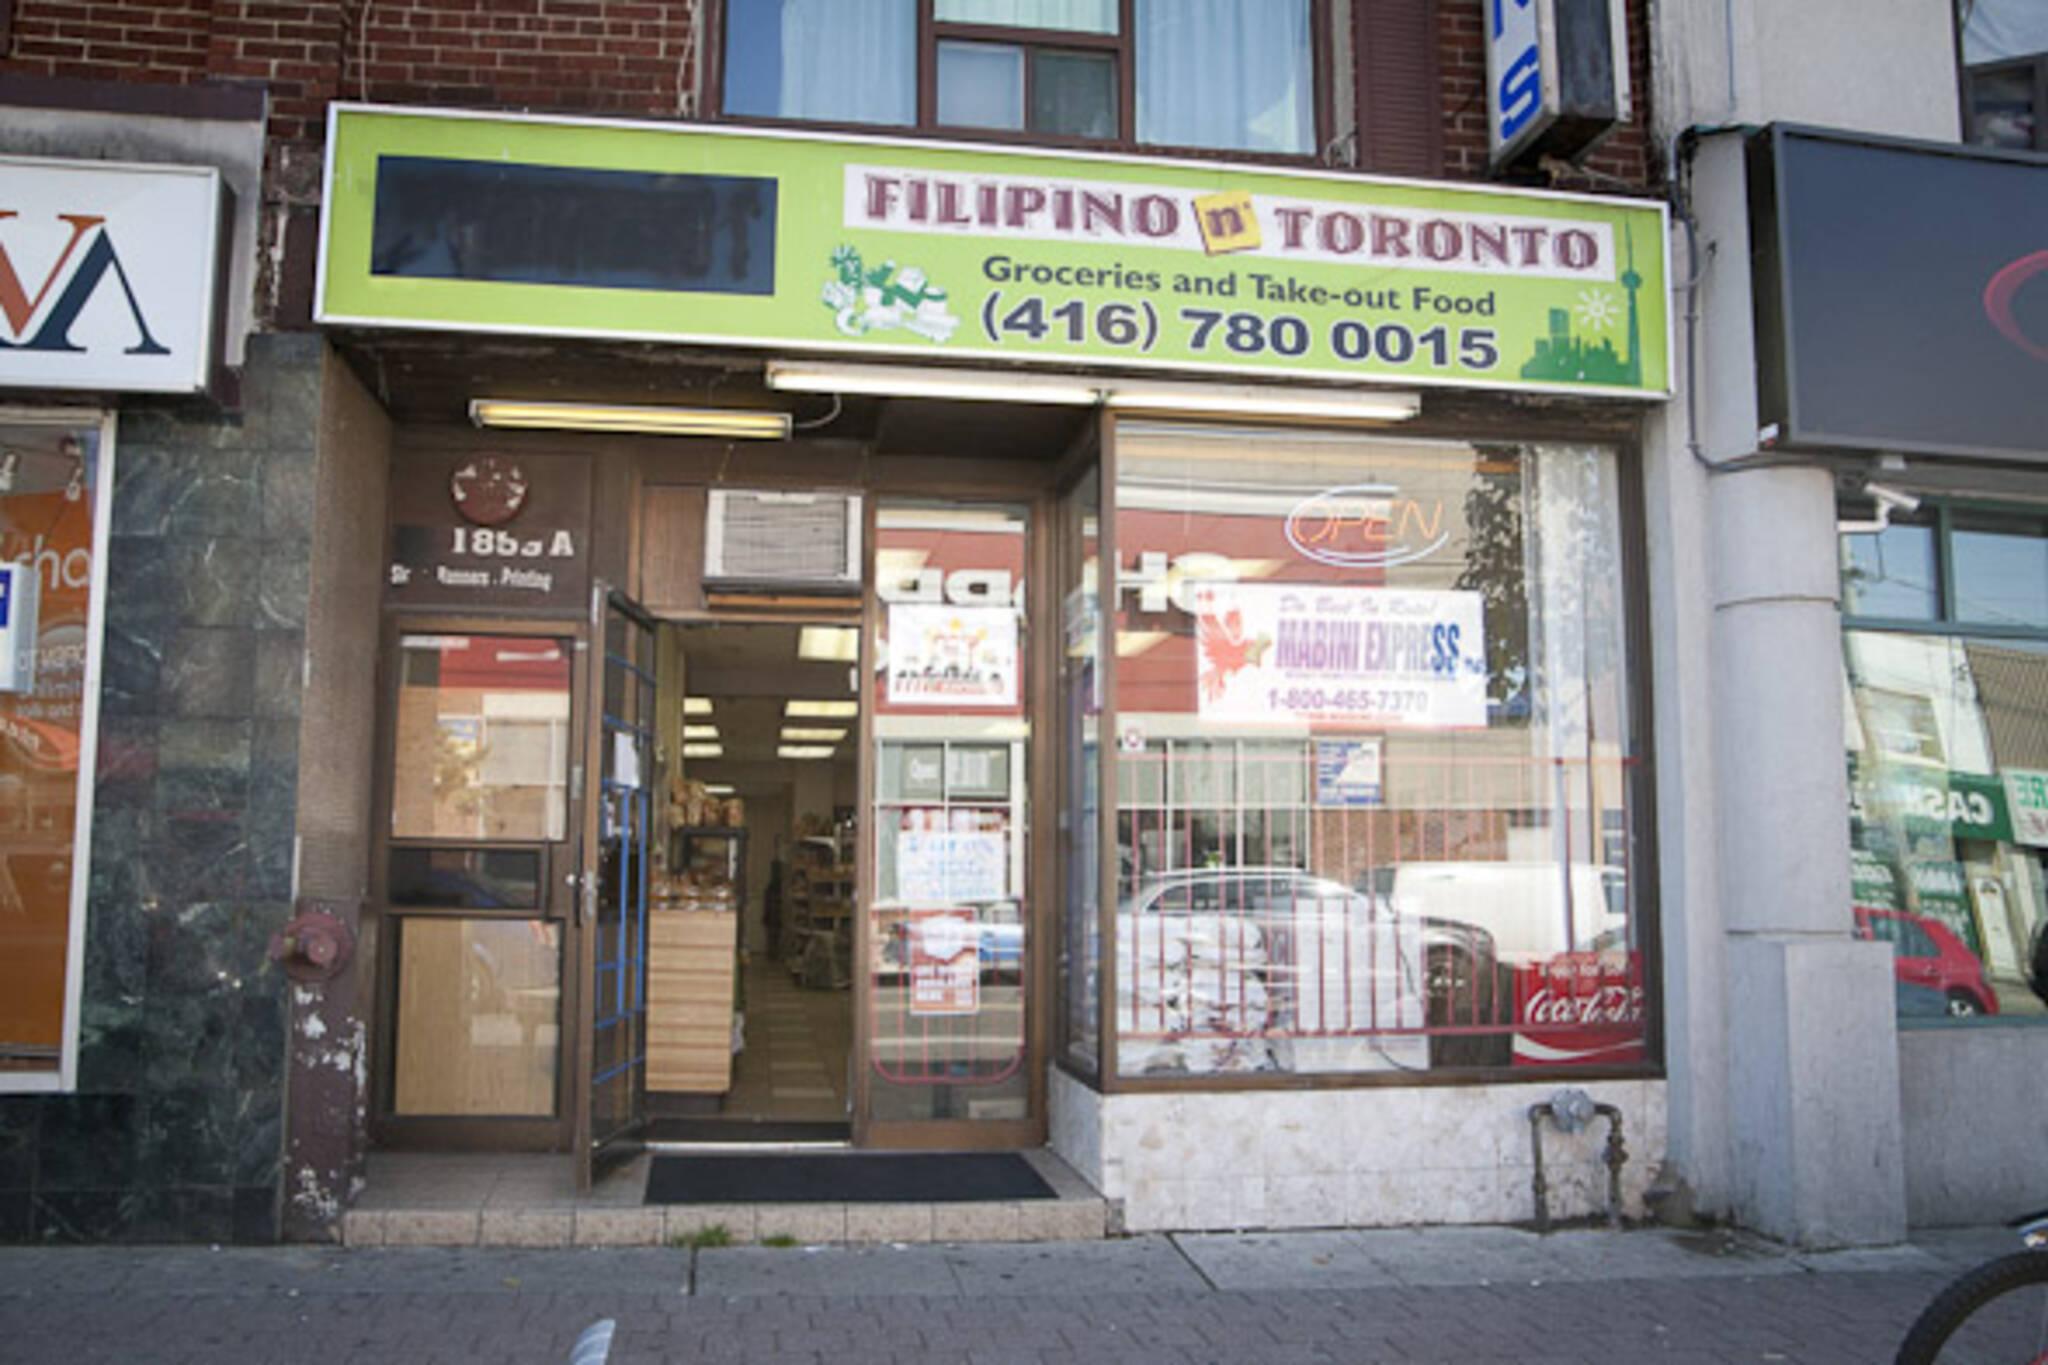 Filipino in Toronto